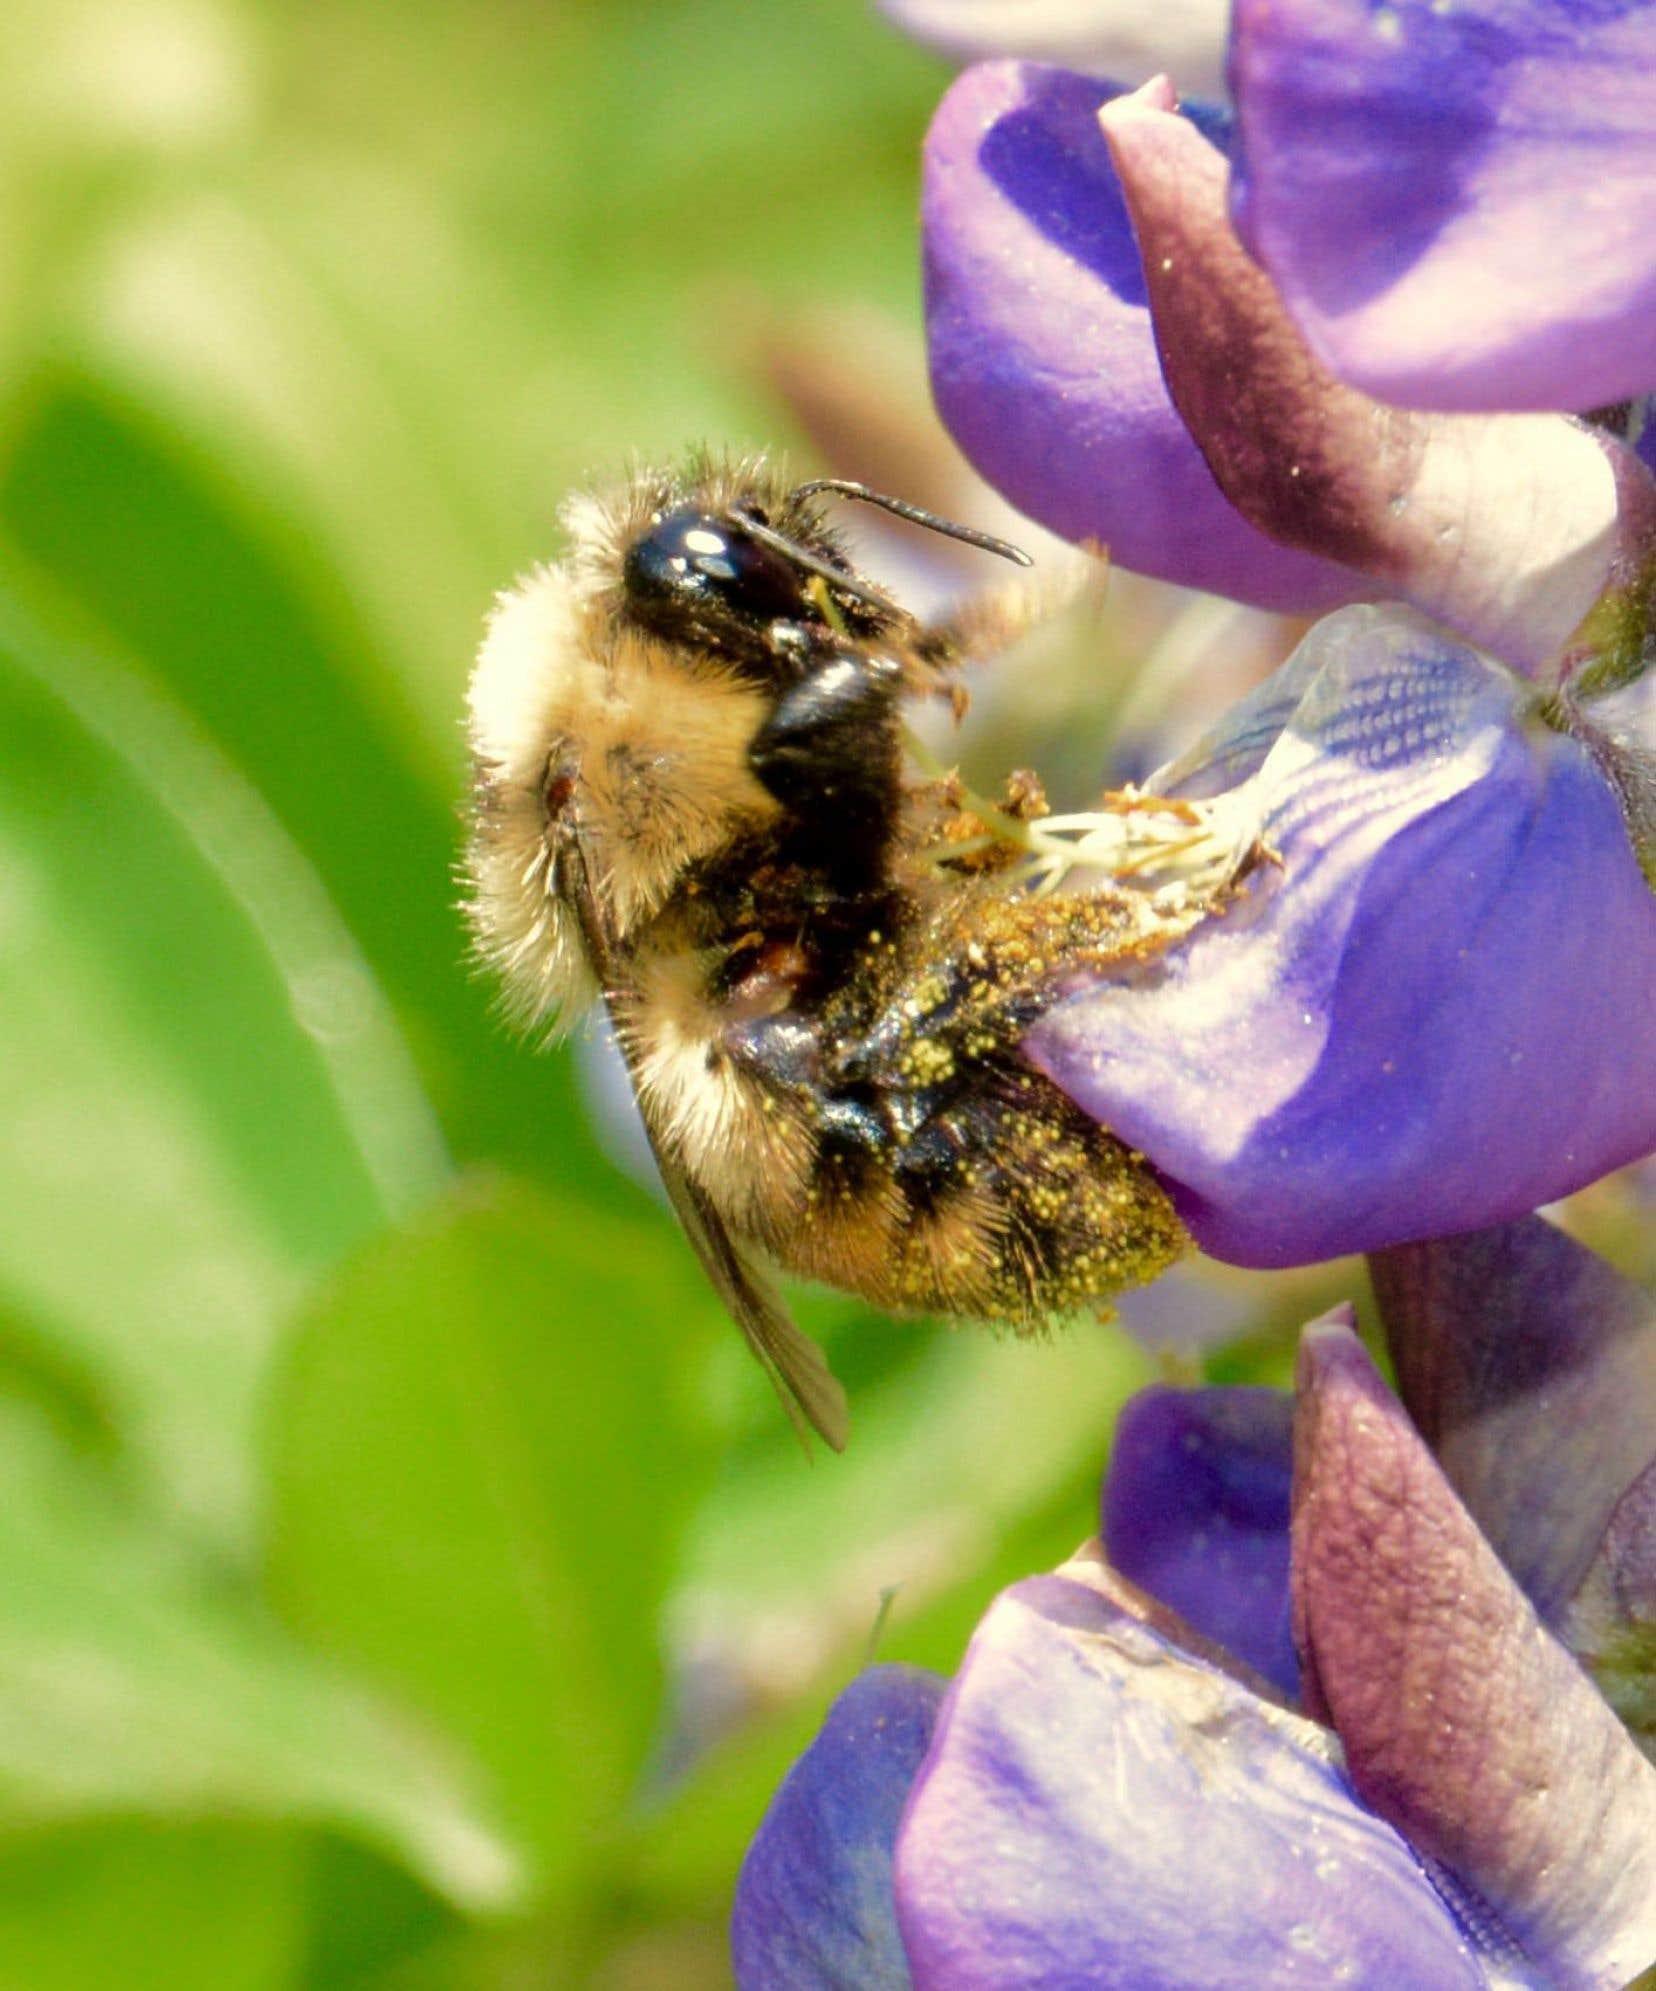 À l'instar des abeilles, le bourdon joue un rôle majeur pour la biodiversité et la pollinisation de certaines espèces de plantes.